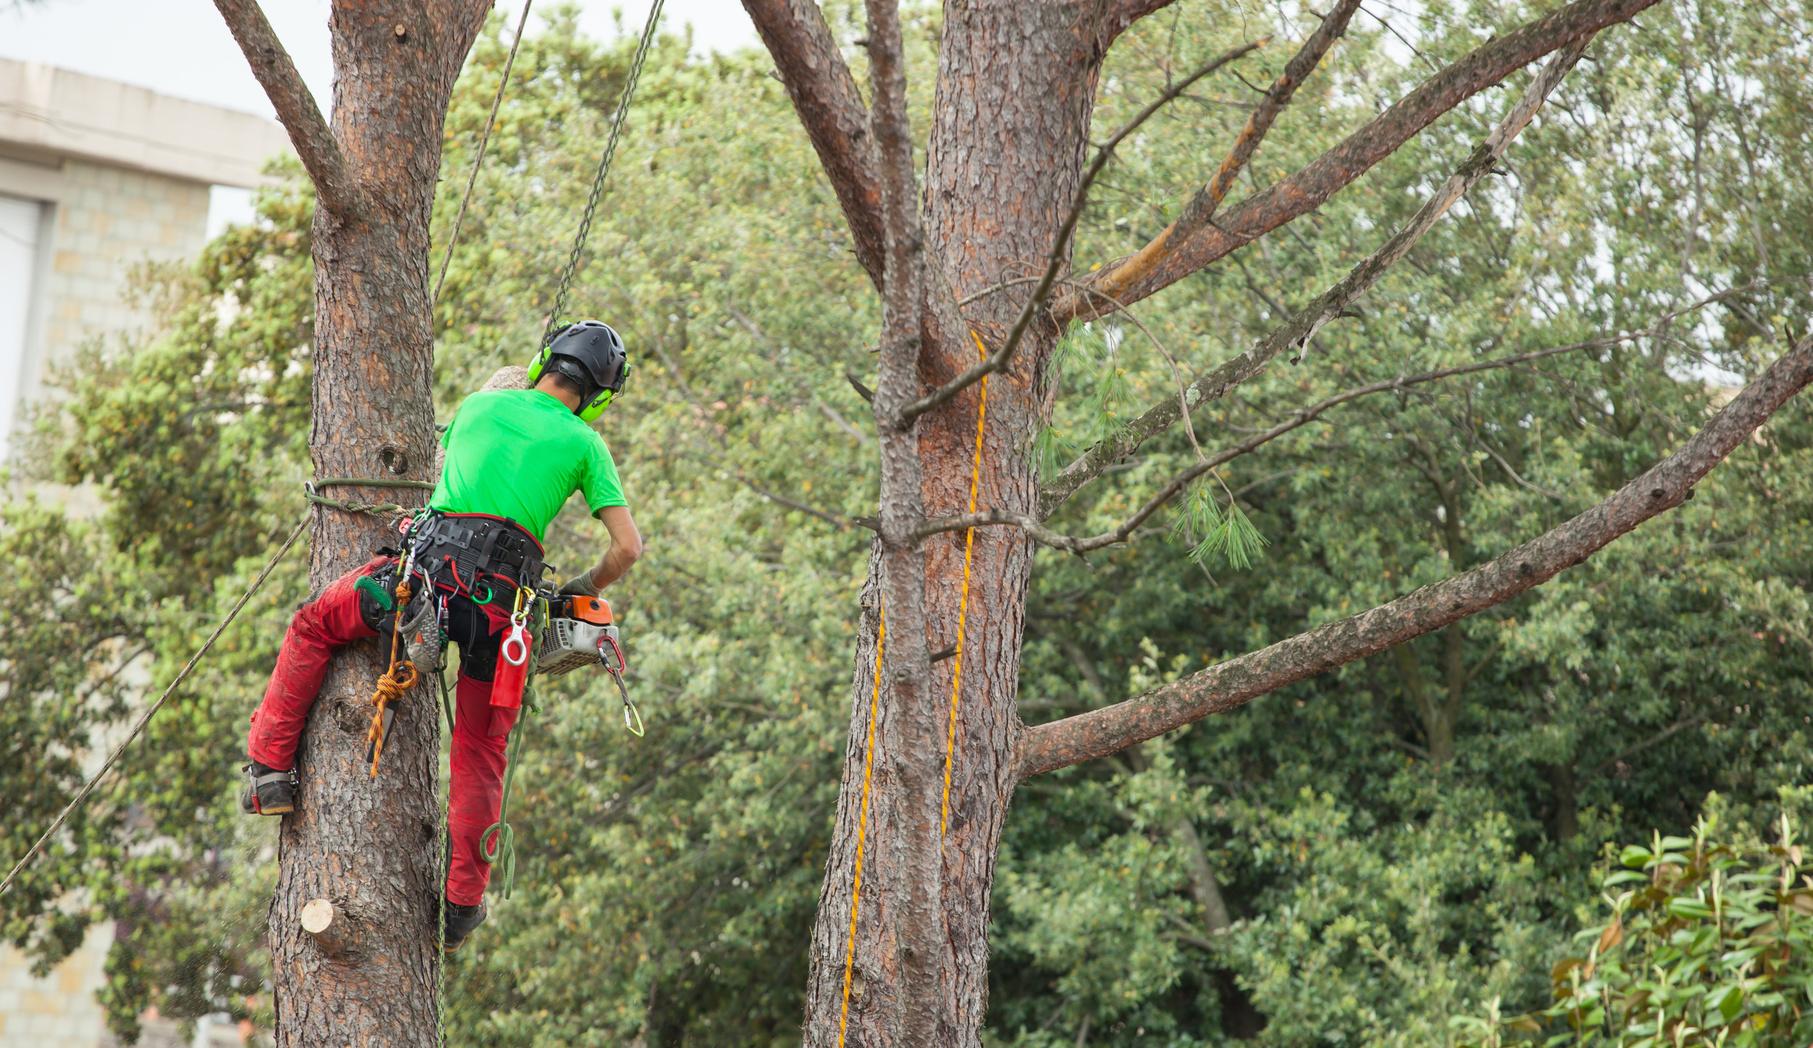 Baumfällung mit der Seilklettertechnik